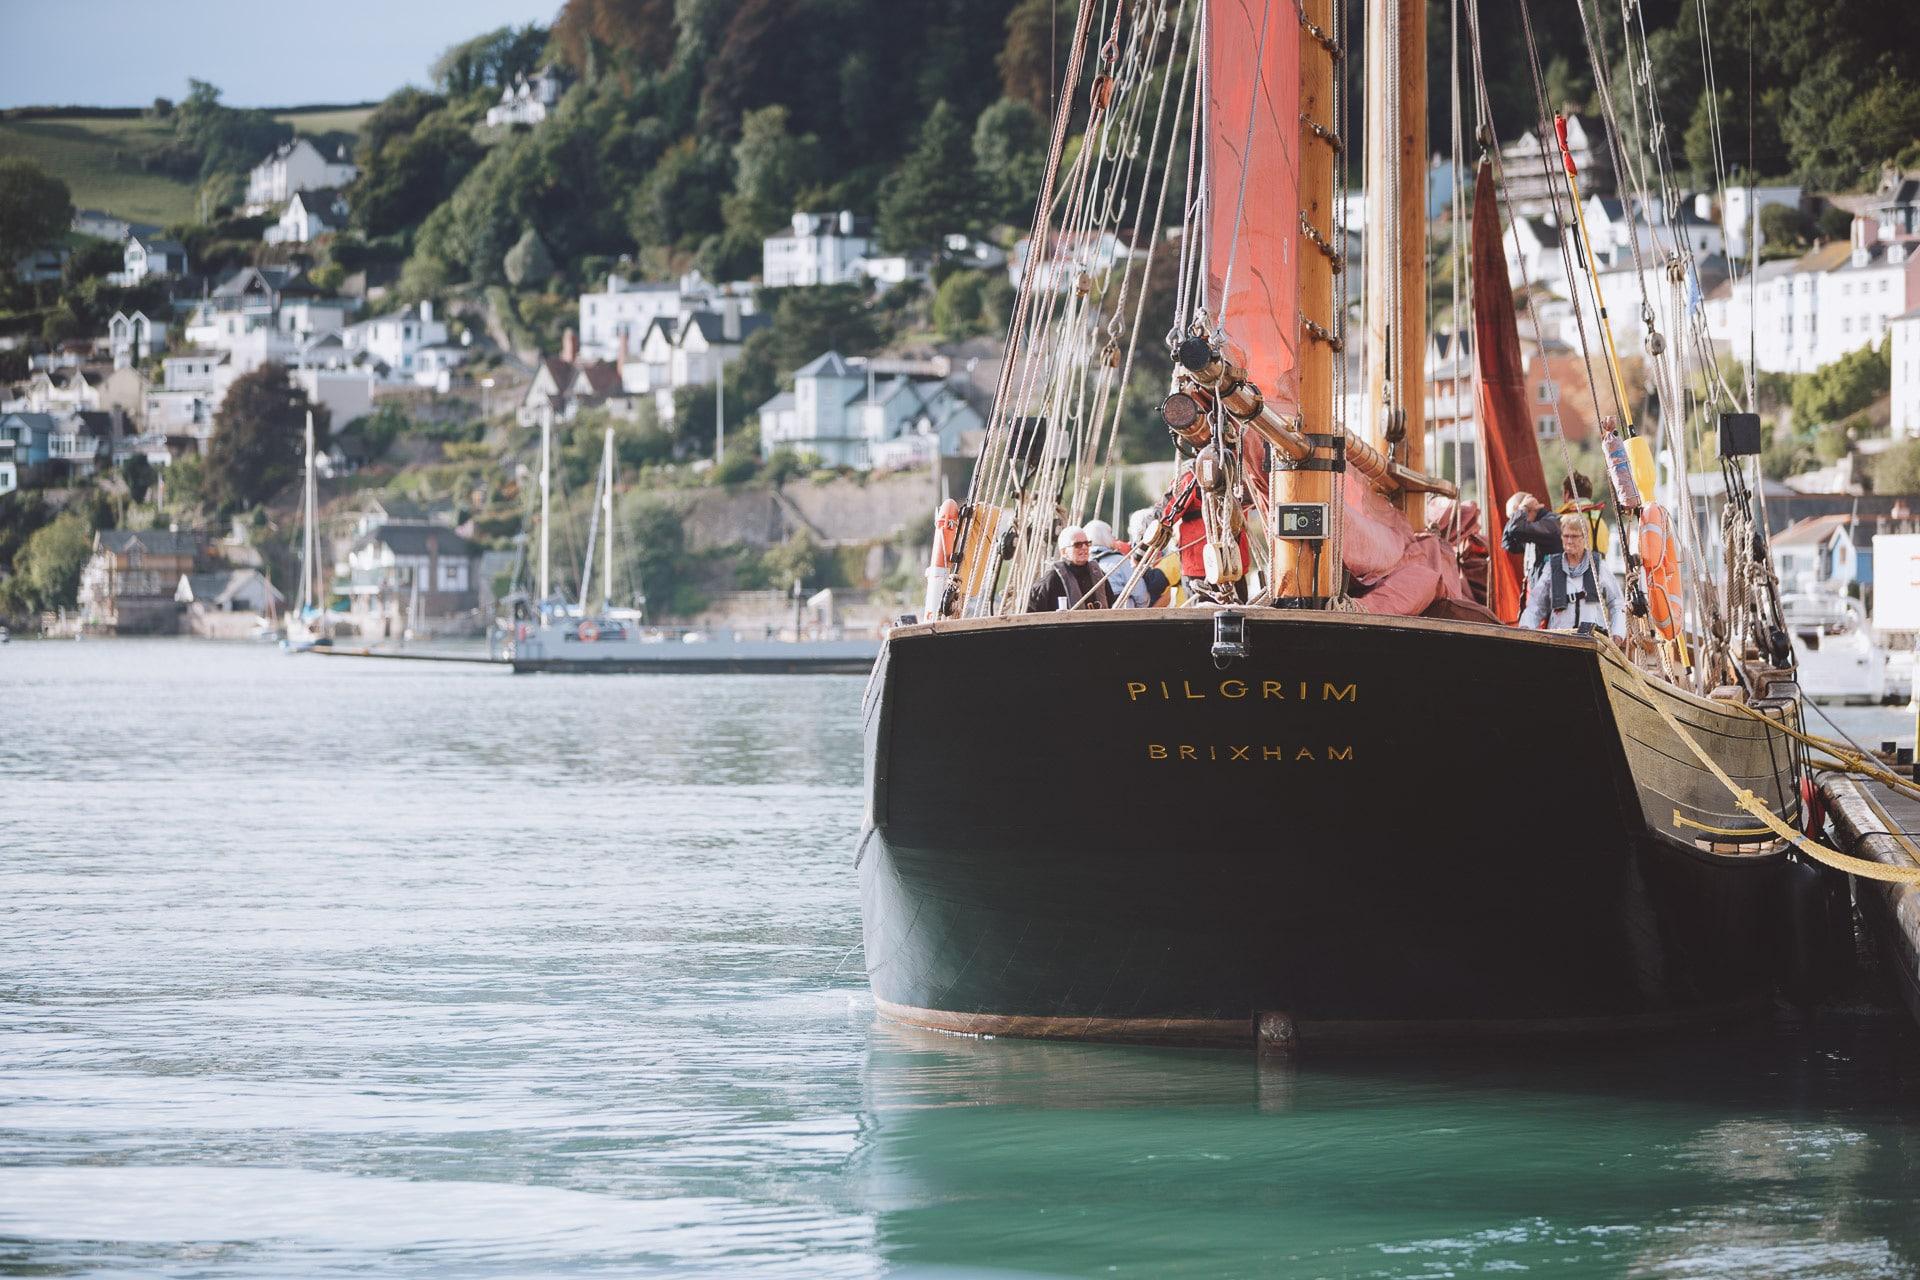 Pilgrim-alongside-Dartmouth